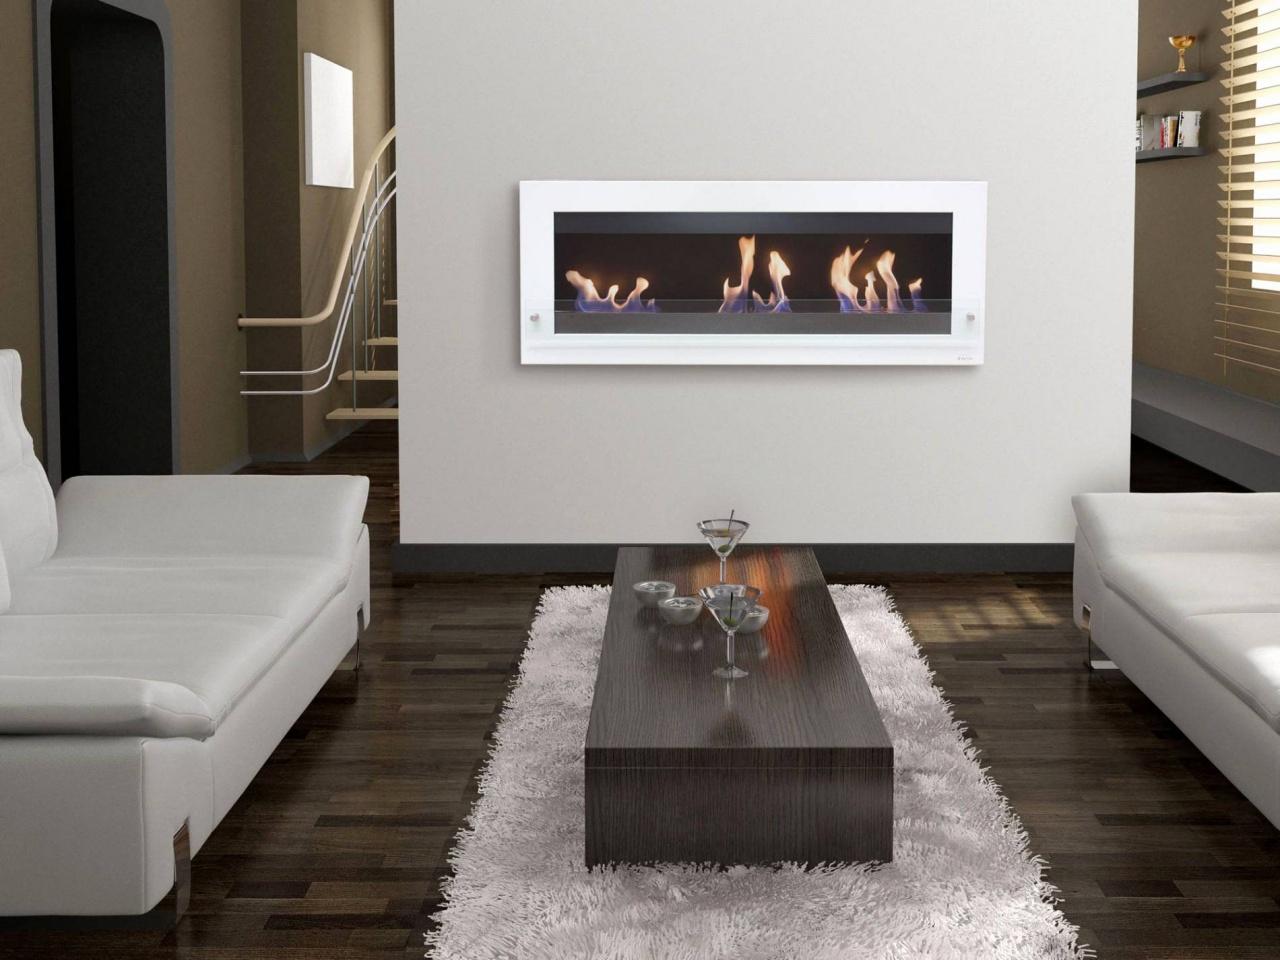 Full Size of Deckenleuchten Wohnzimmer Use A Gas Starter Fireplace Ideas From Küche Tisch Liege Wandbild Teppiche Deckenlampen Indirekte Beleuchtung Großes Bild Wohnzimmer Deckenleuchten Wohnzimmer